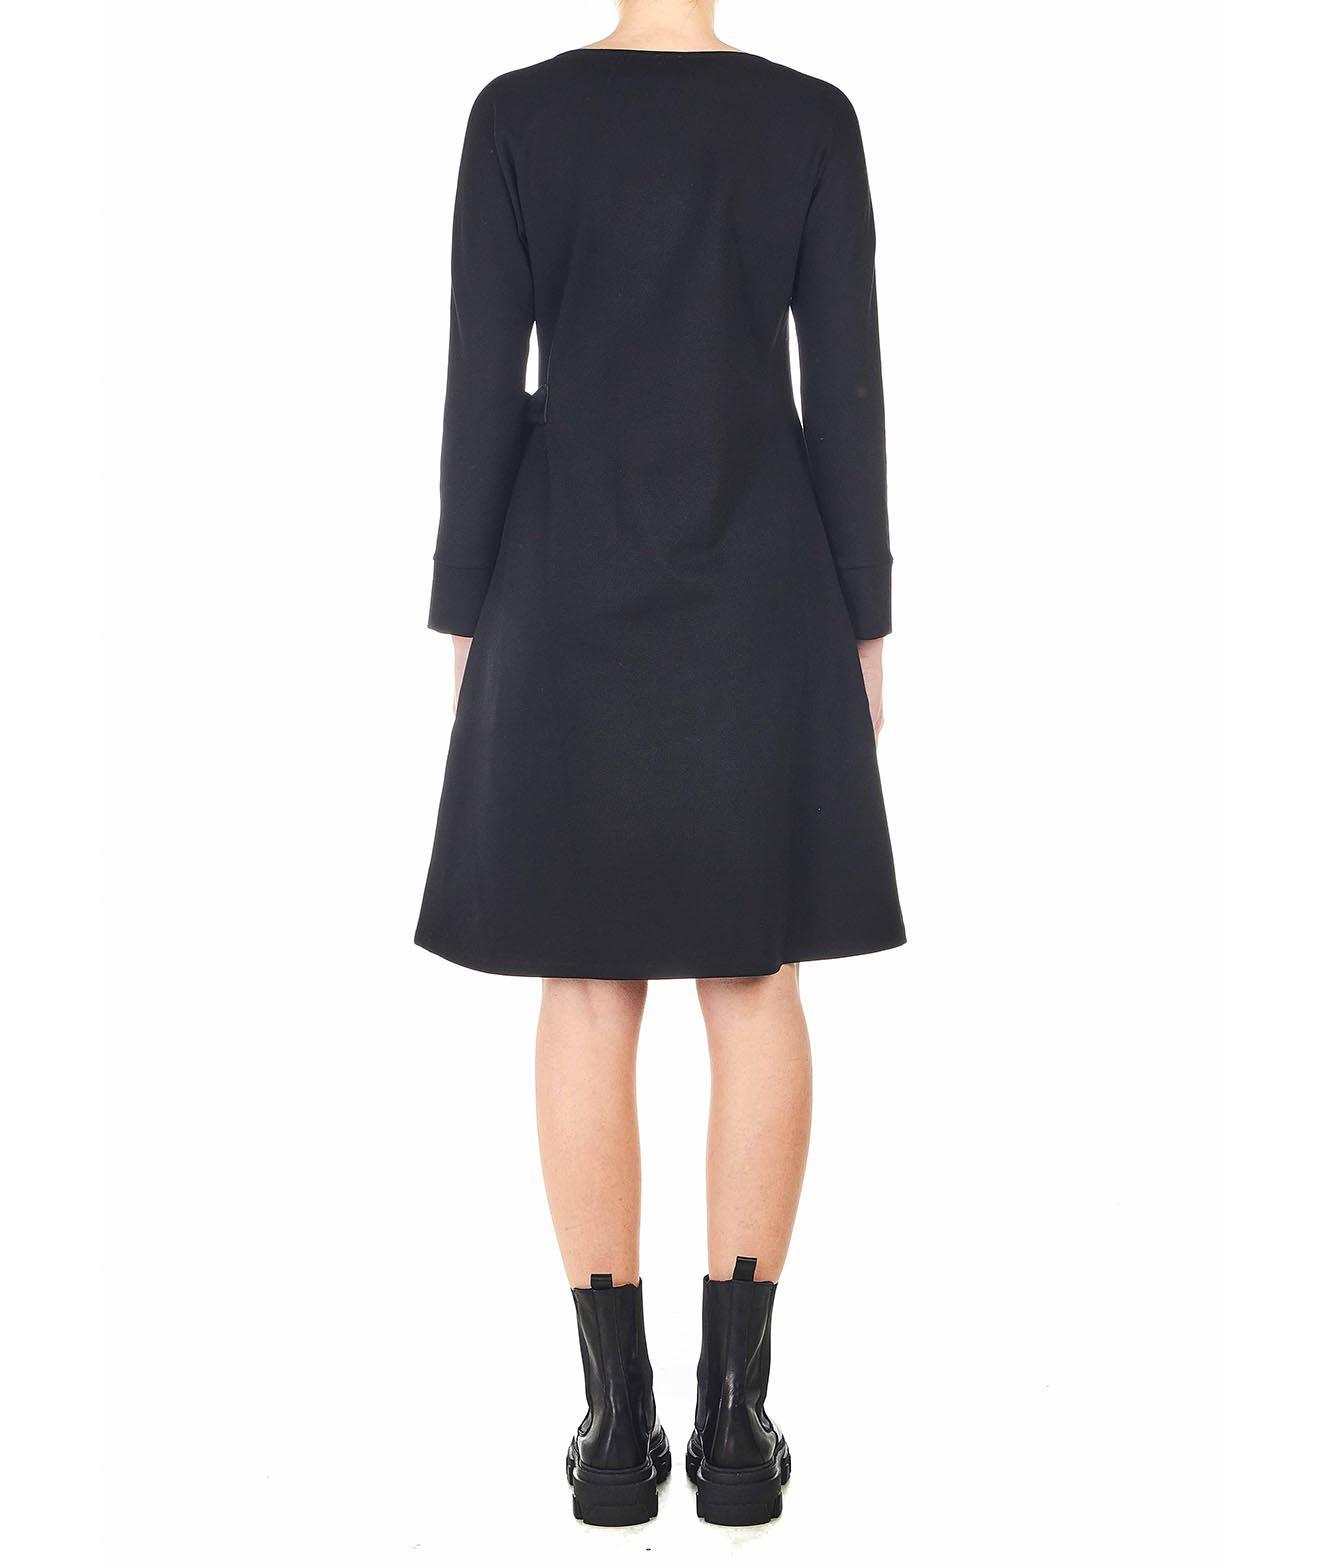 Oblo Unique Kleid Mit Seitlicher Schleife Schwarz Maximilian